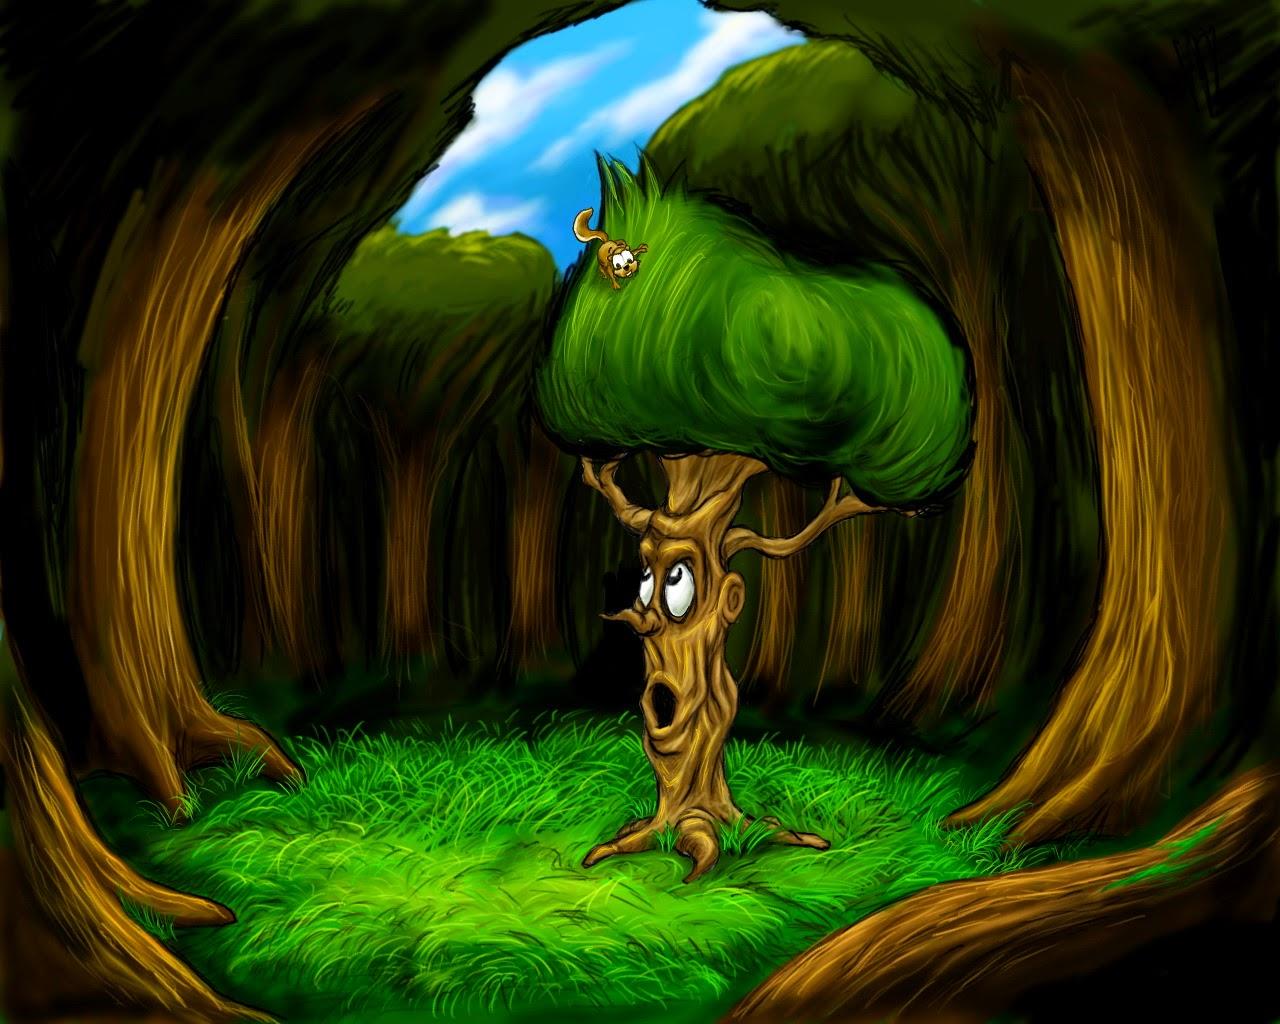 3D Cartoon Tree In Forest Wallpaper Wallpaper HD Desain